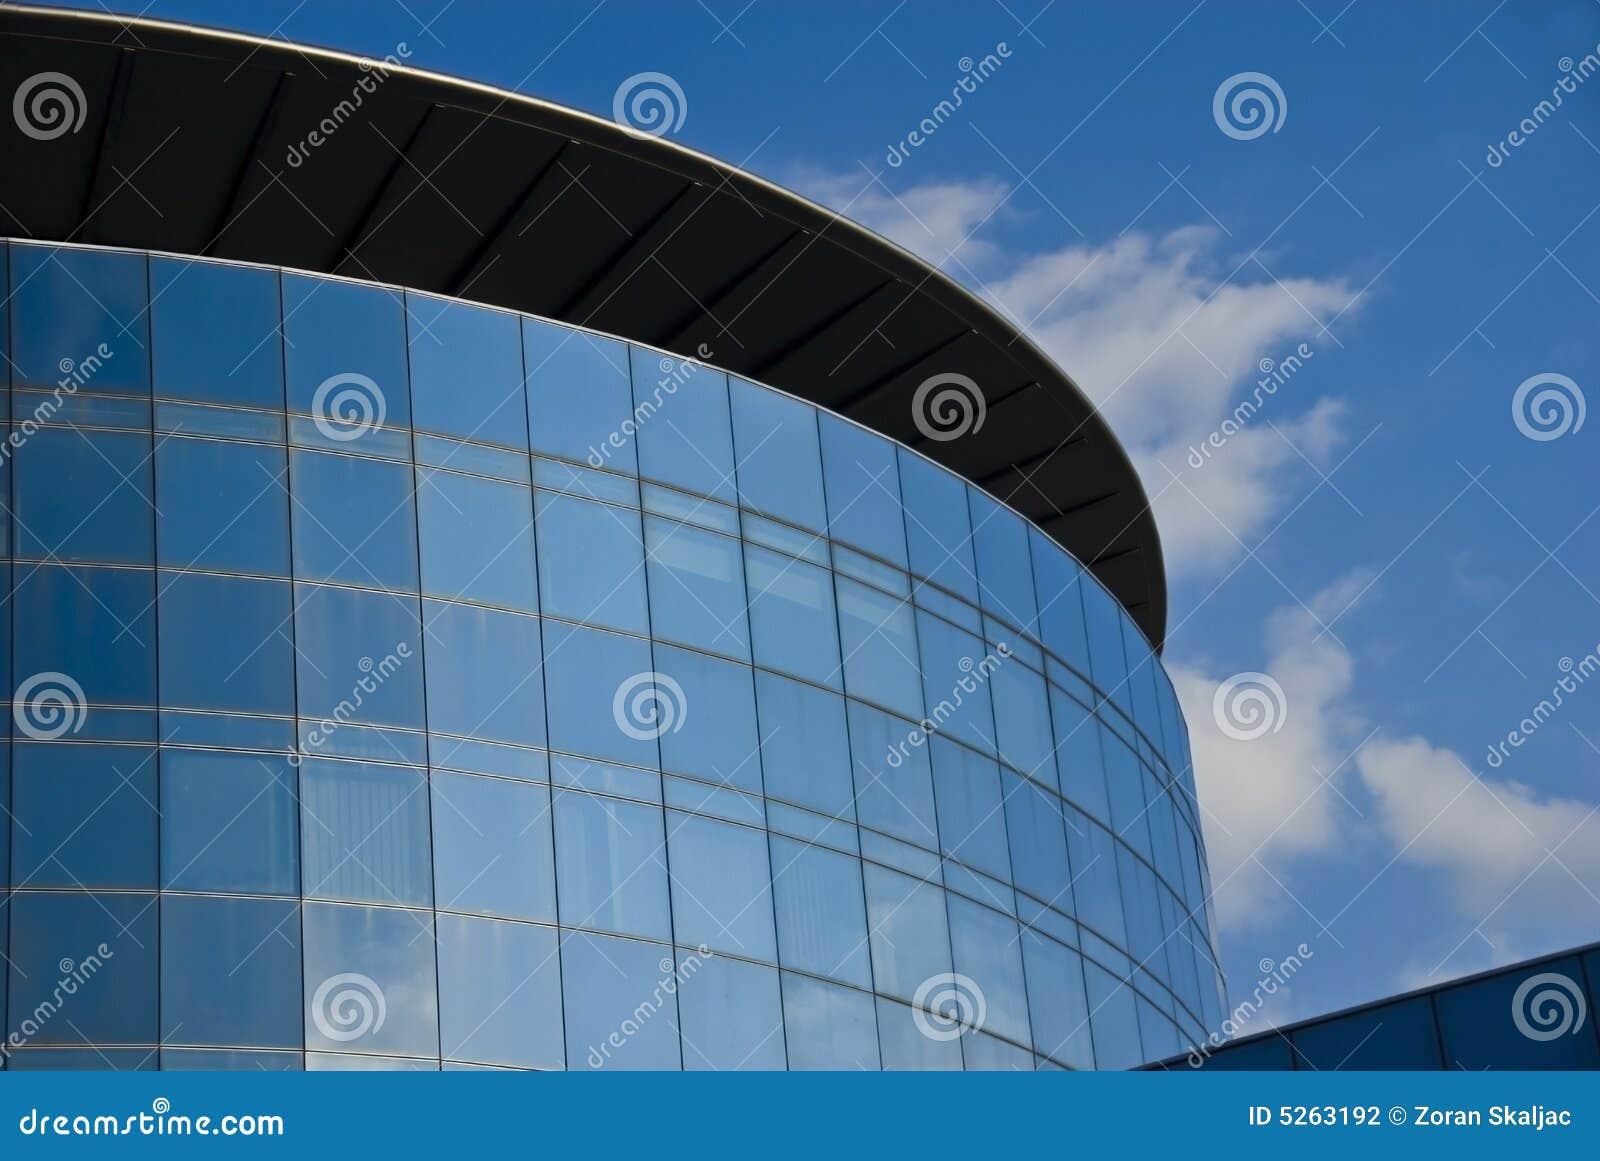 Torre de vidro - edifício corporativo